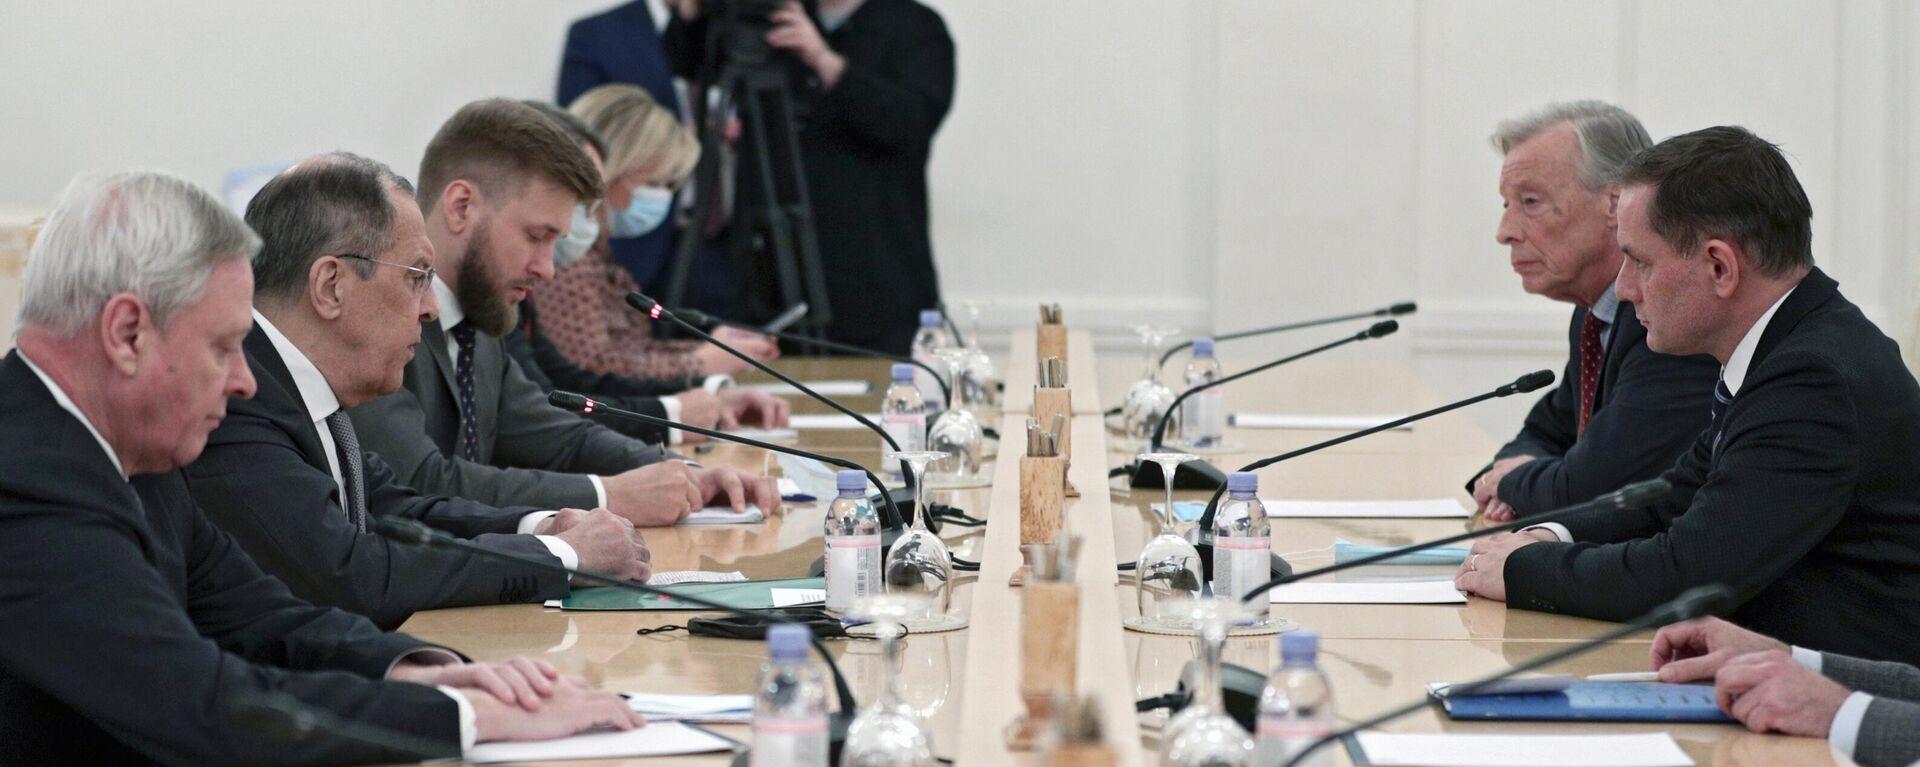 Der russische Außenminister Sergej Lawrow (2L) beim Treffen mit AfD-Politikern in Moskau - SNA, 1920, 09.12.2020